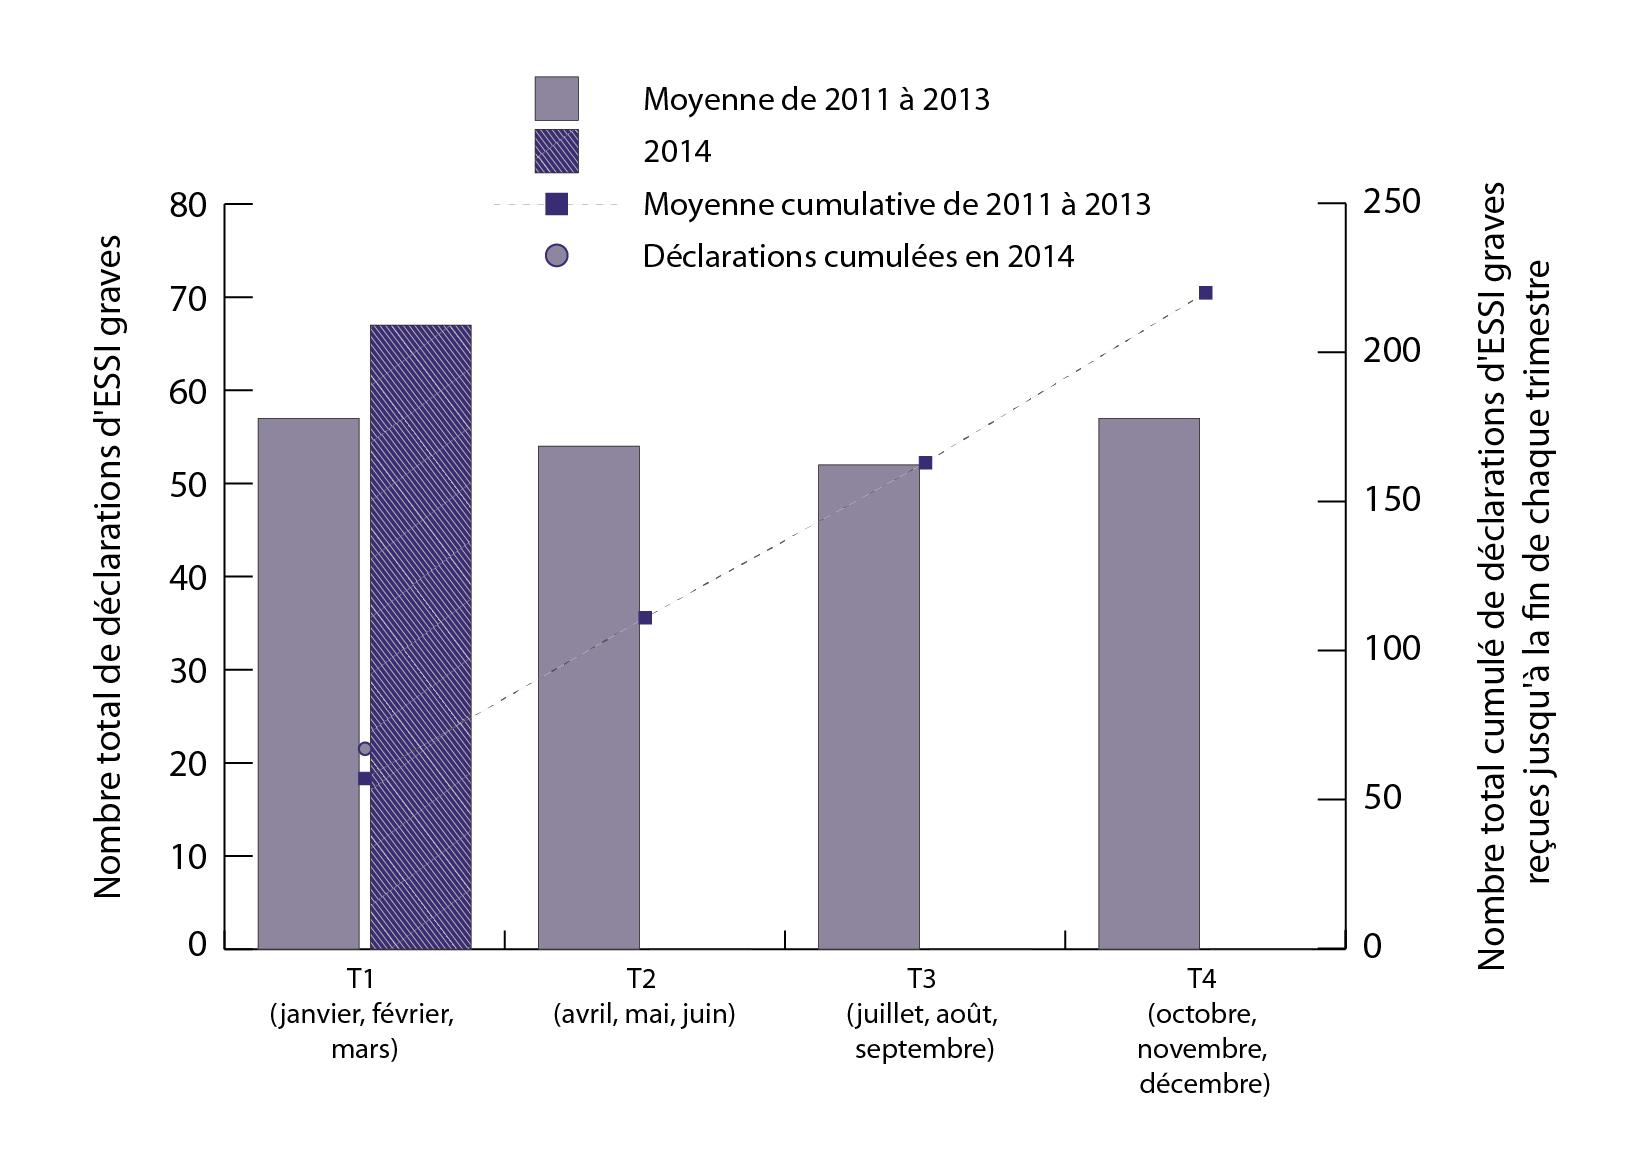 effets secondaires suivant l 39 immunisation essi rapport trimestriel pour 2014 t1. Black Bedroom Furniture Sets. Home Design Ideas